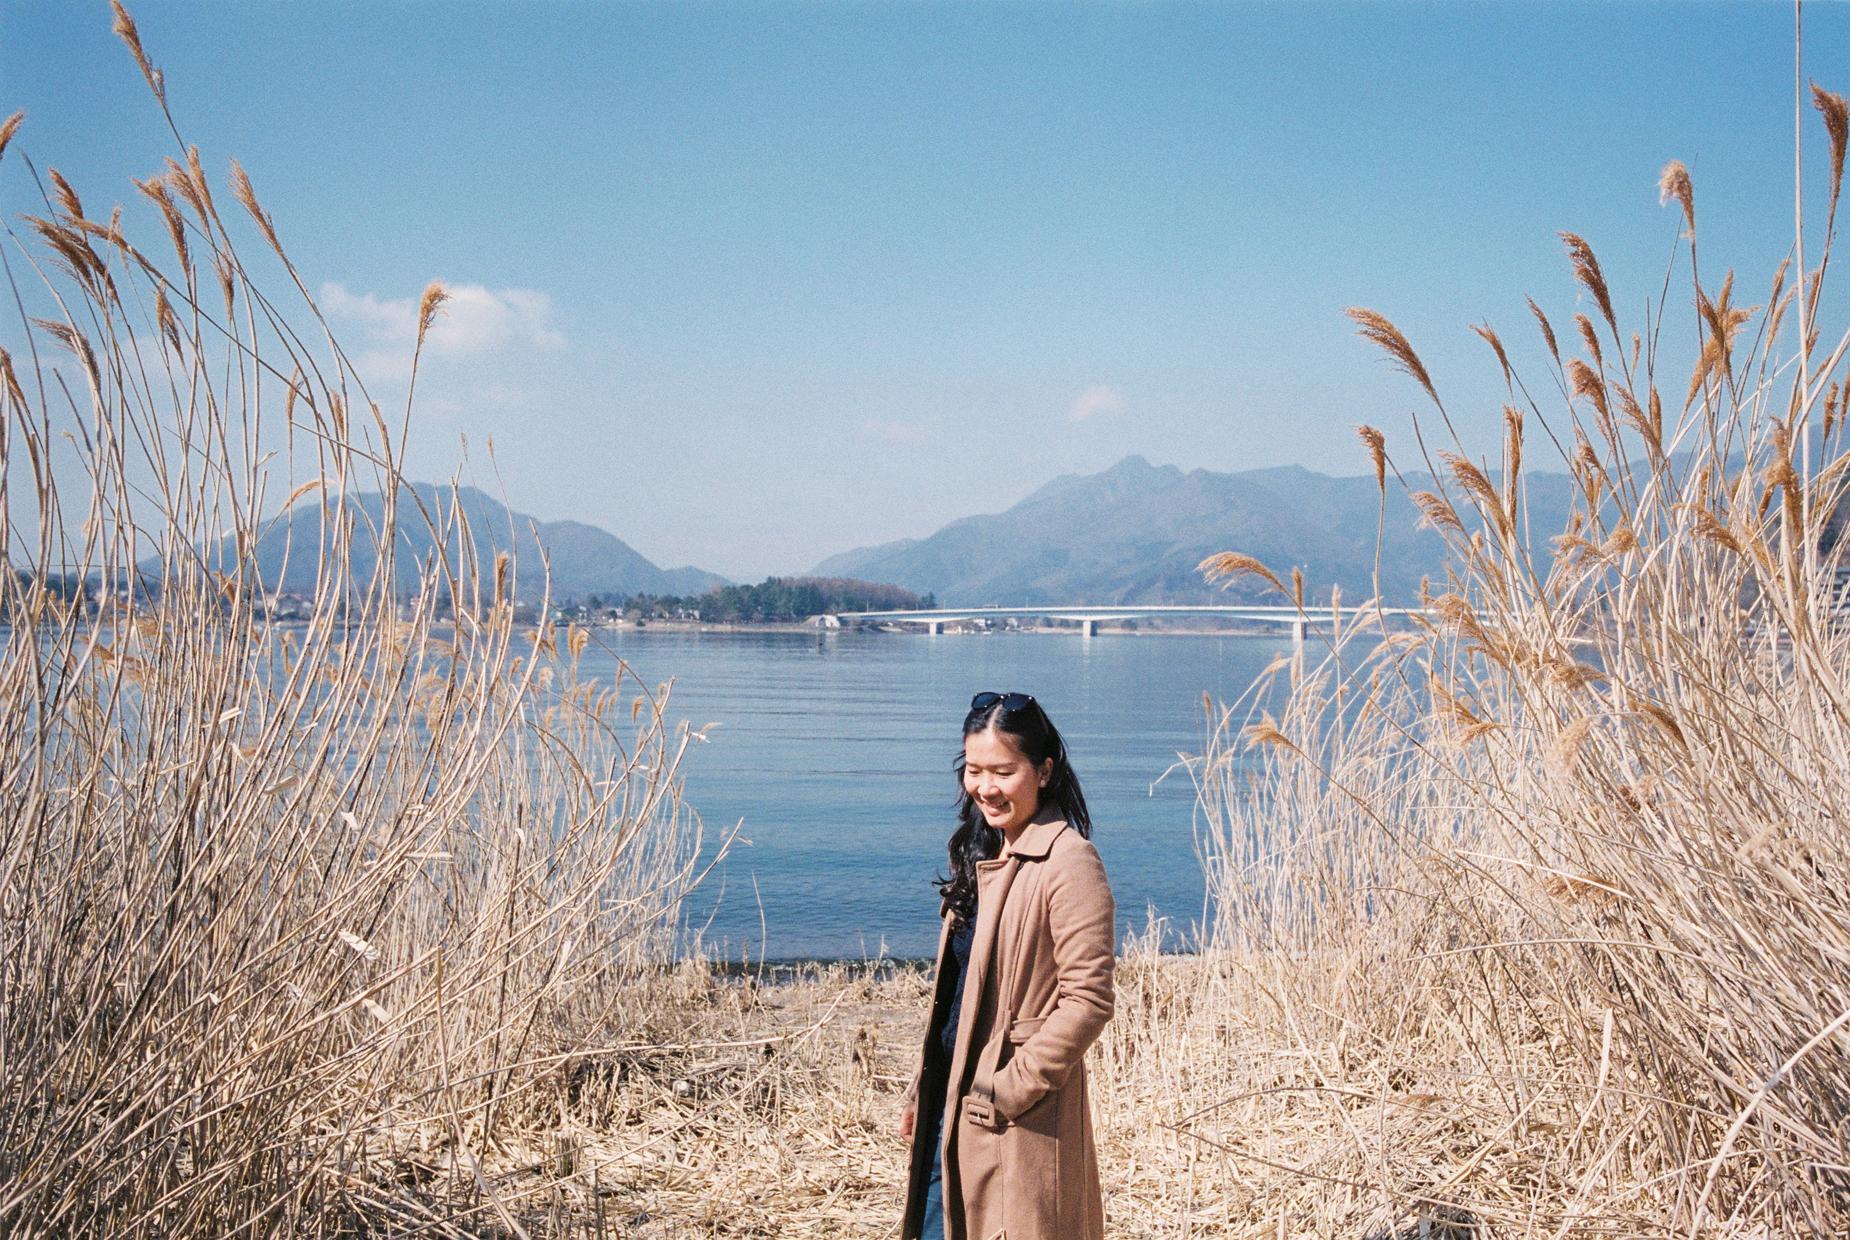 Japan - Leica M6 + Rolleiflex 3.5f